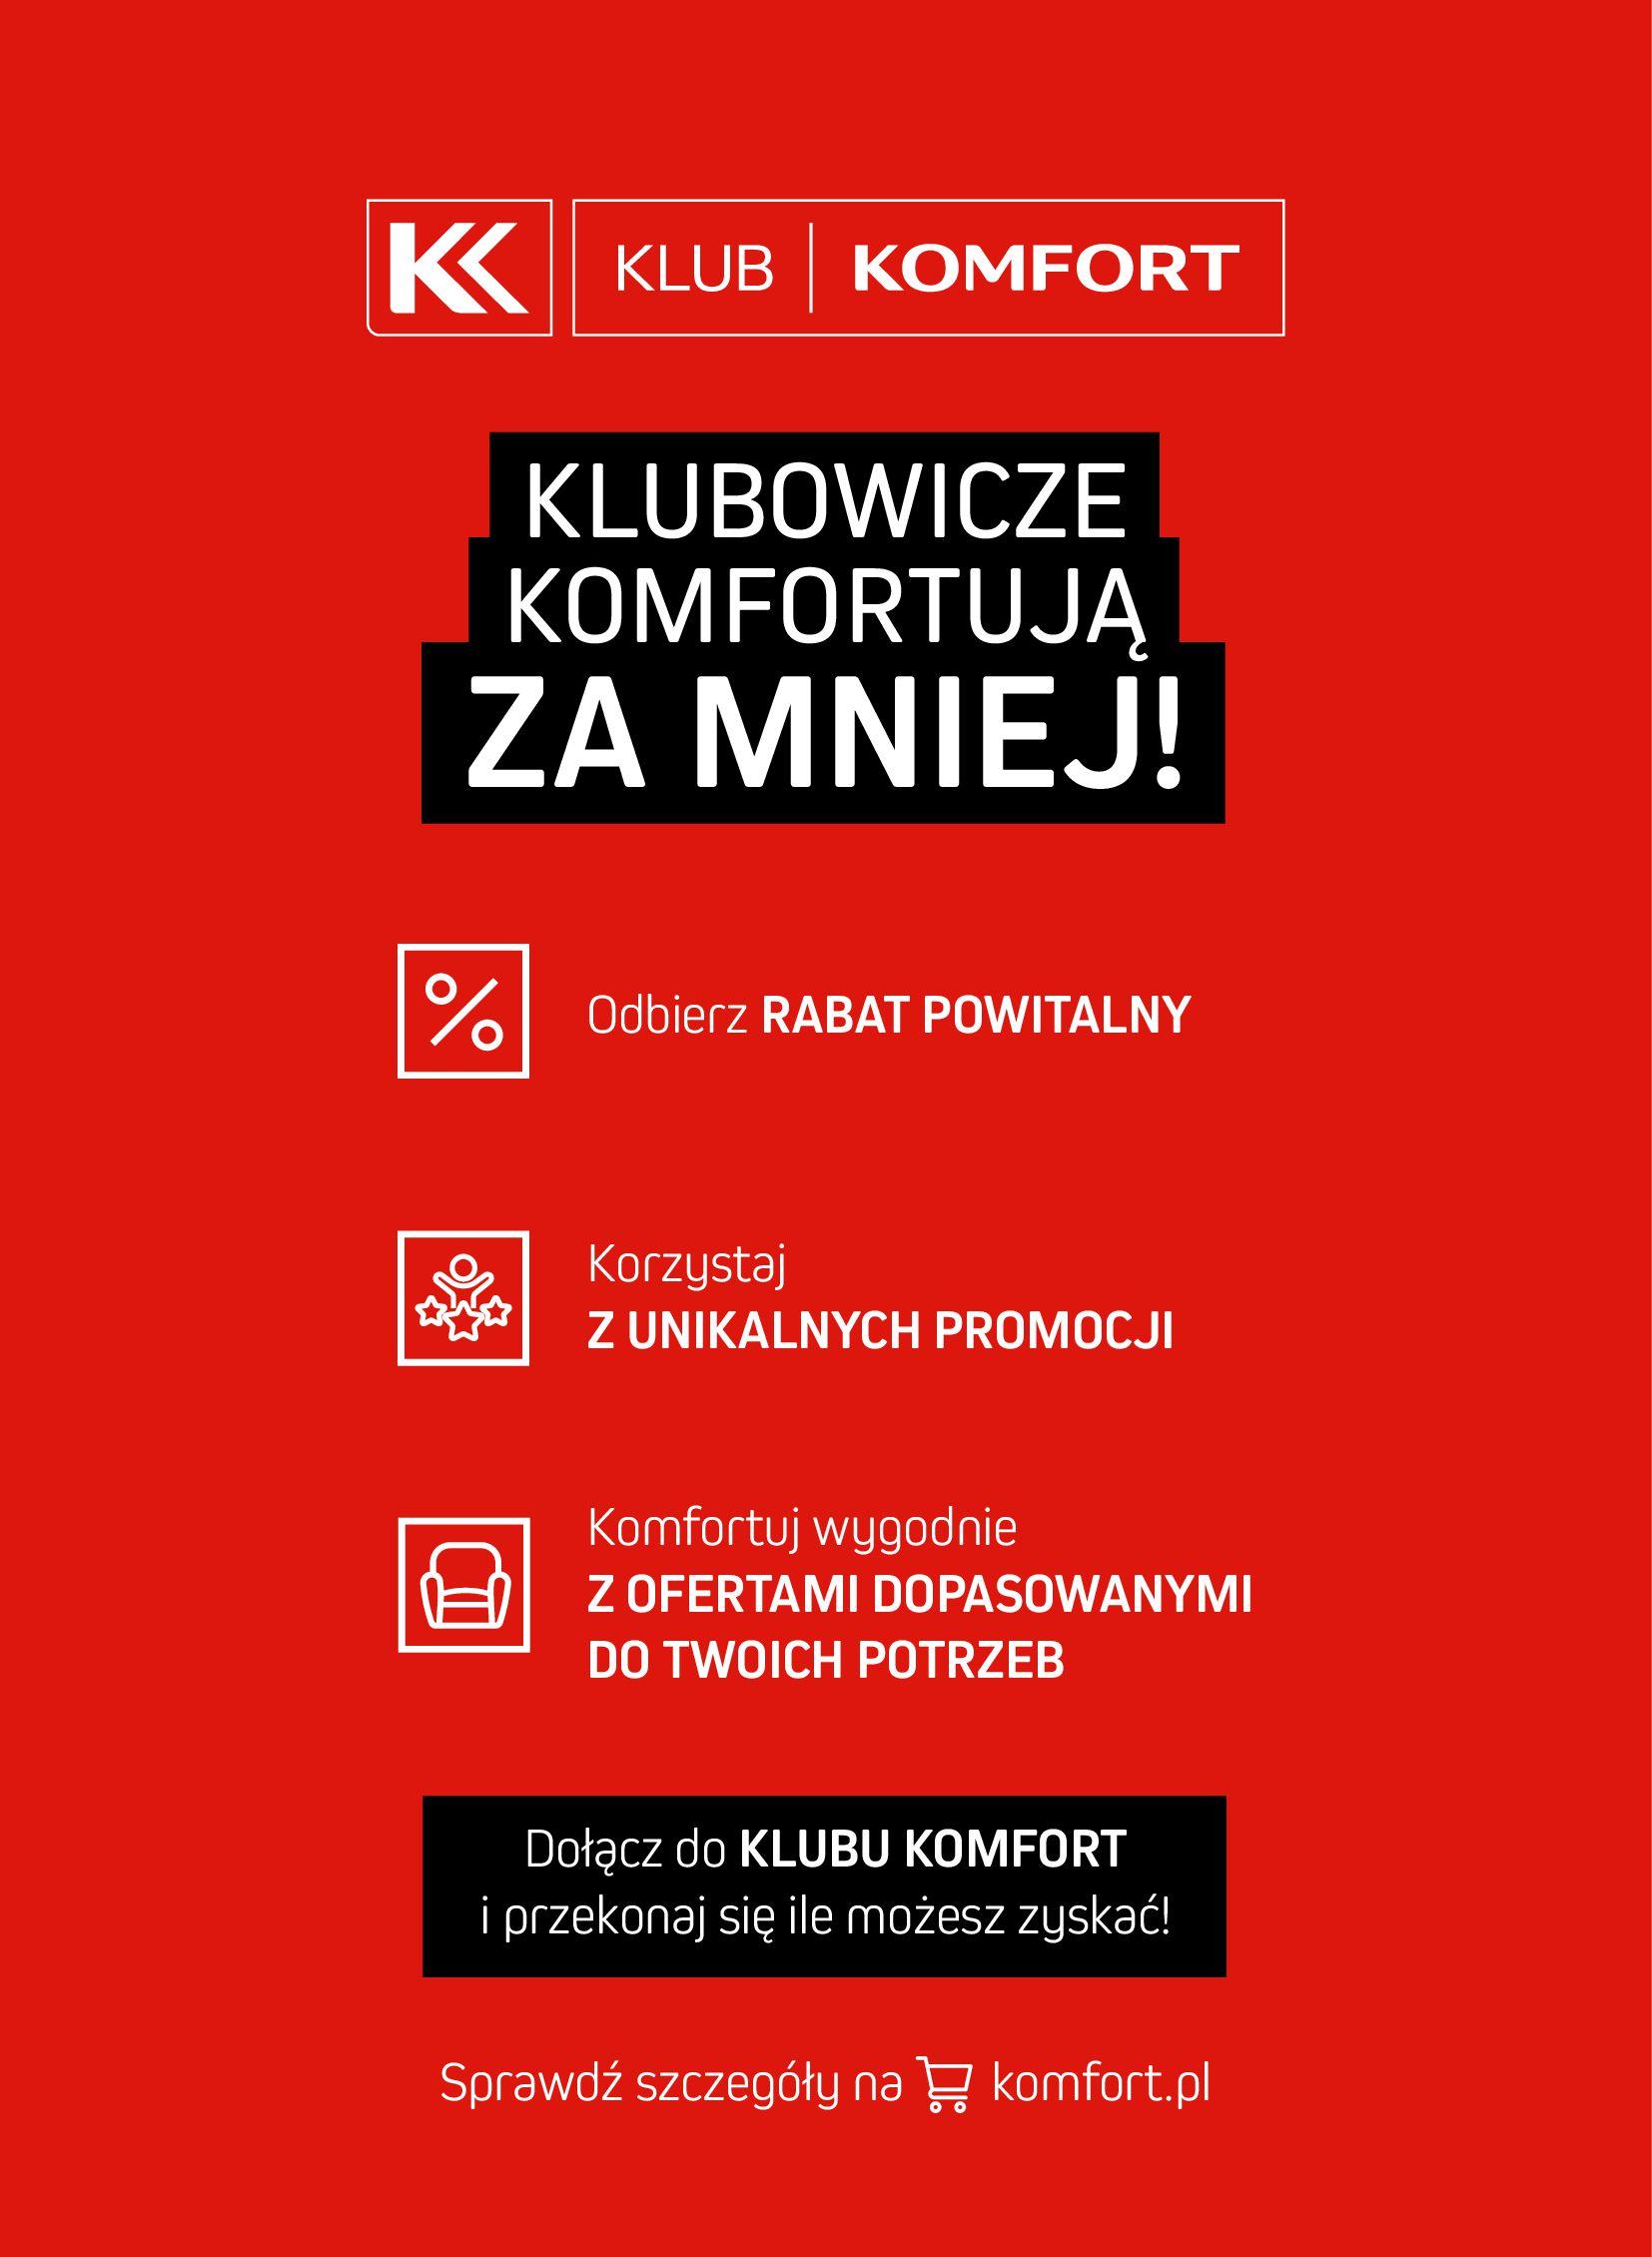 Gazetka Komfort: Gazetka Komfort - Łazienki 2021 2021-05-21 page-59